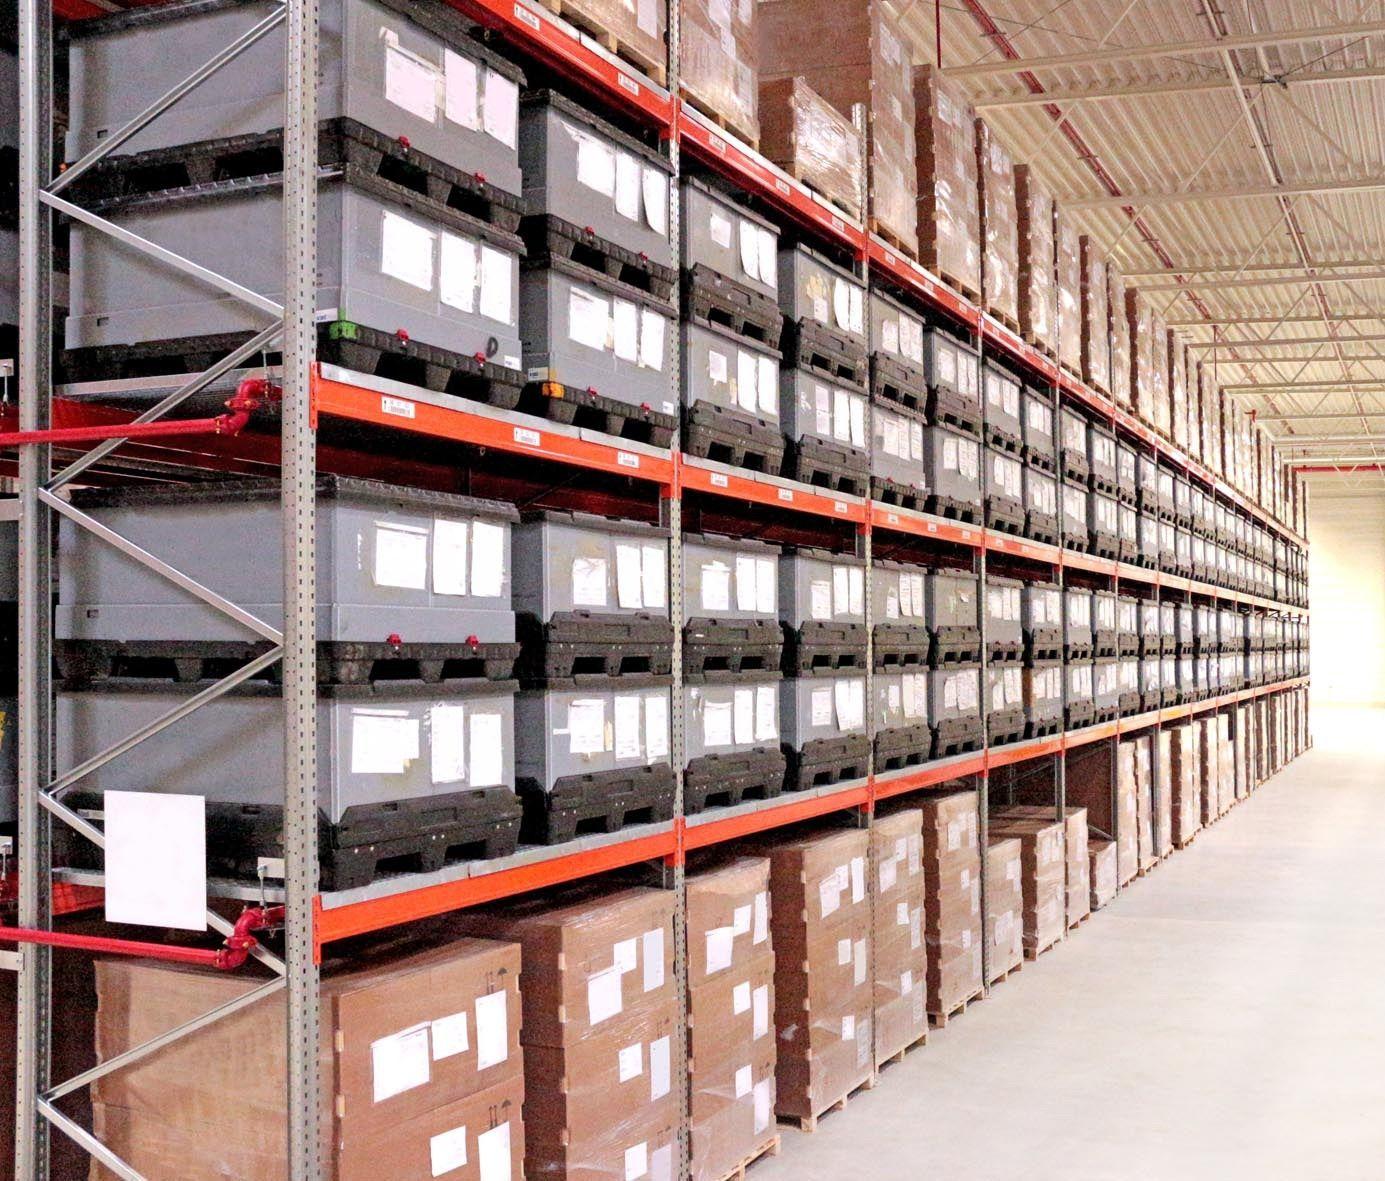 Soluciones de almacenaje con esnova y sus ideas en metal esnova - Soluciones de almacenaje ...